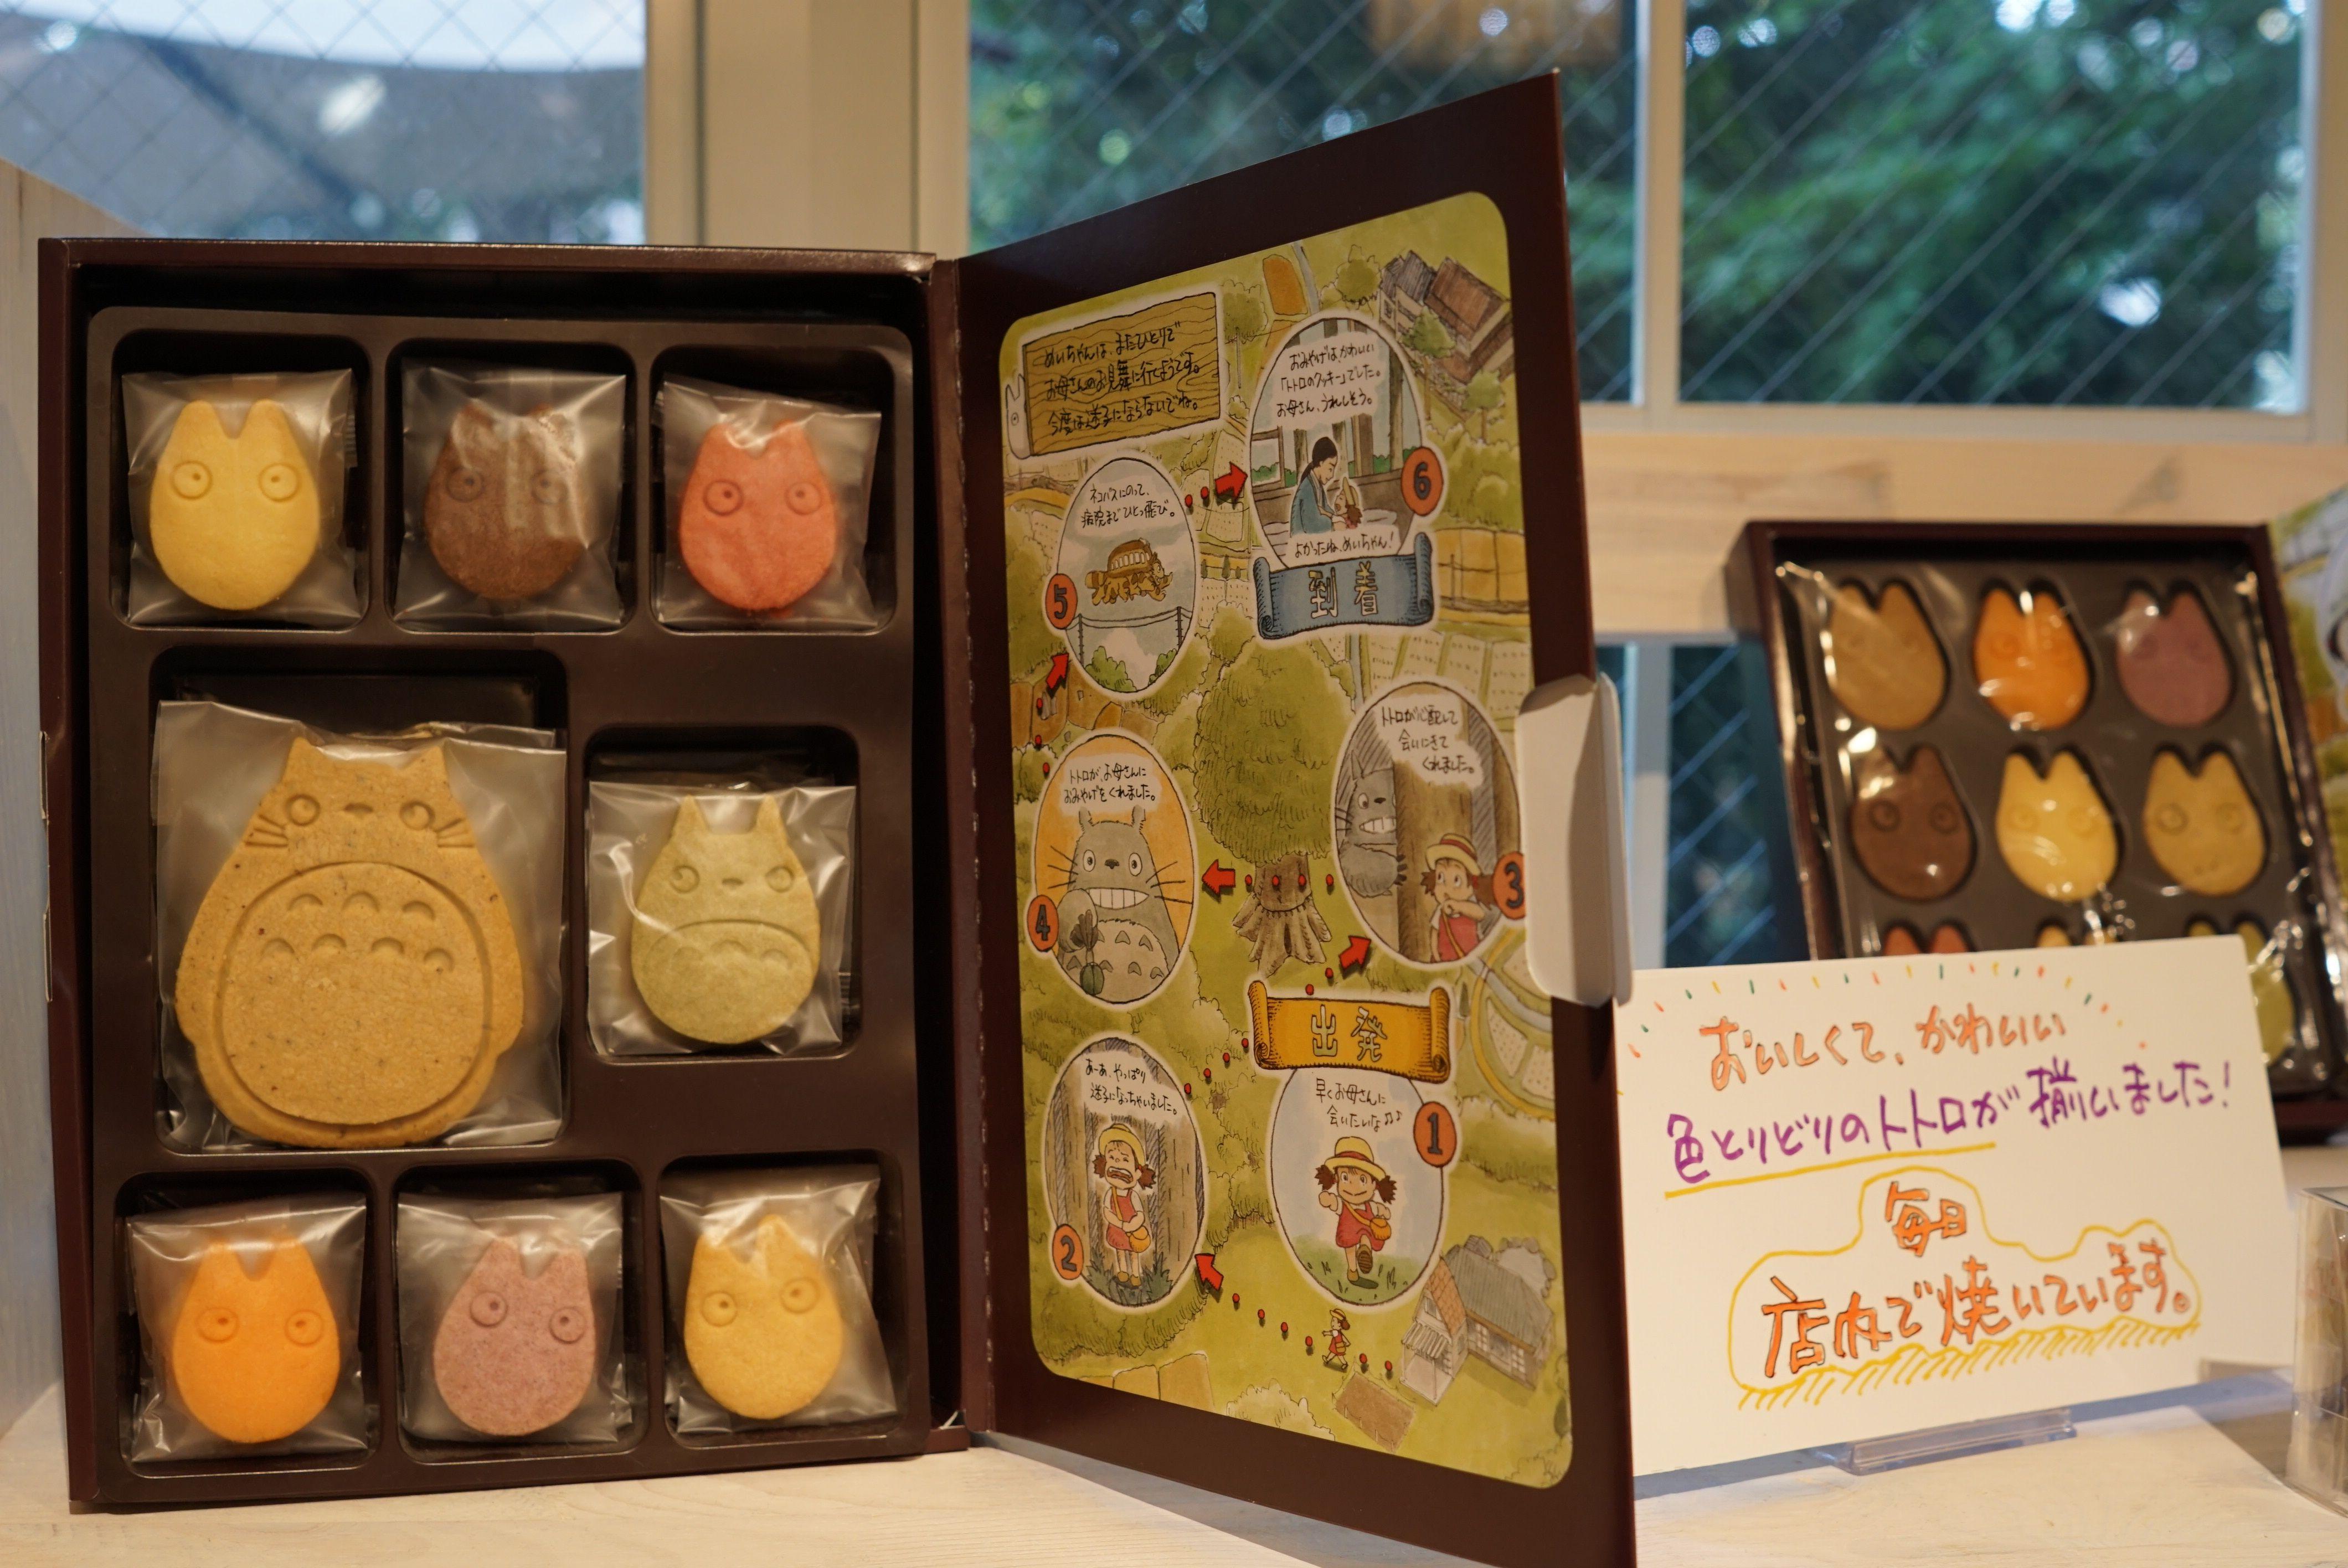 ร้าน Shirohige's Cream Puff Shop หรือที่ป้ายร้านชื่อ Tolo Coffee Bakery คาเฟ่น่ารักในโตเกียว ชูครีม totoro คุ้กกี้ totoro